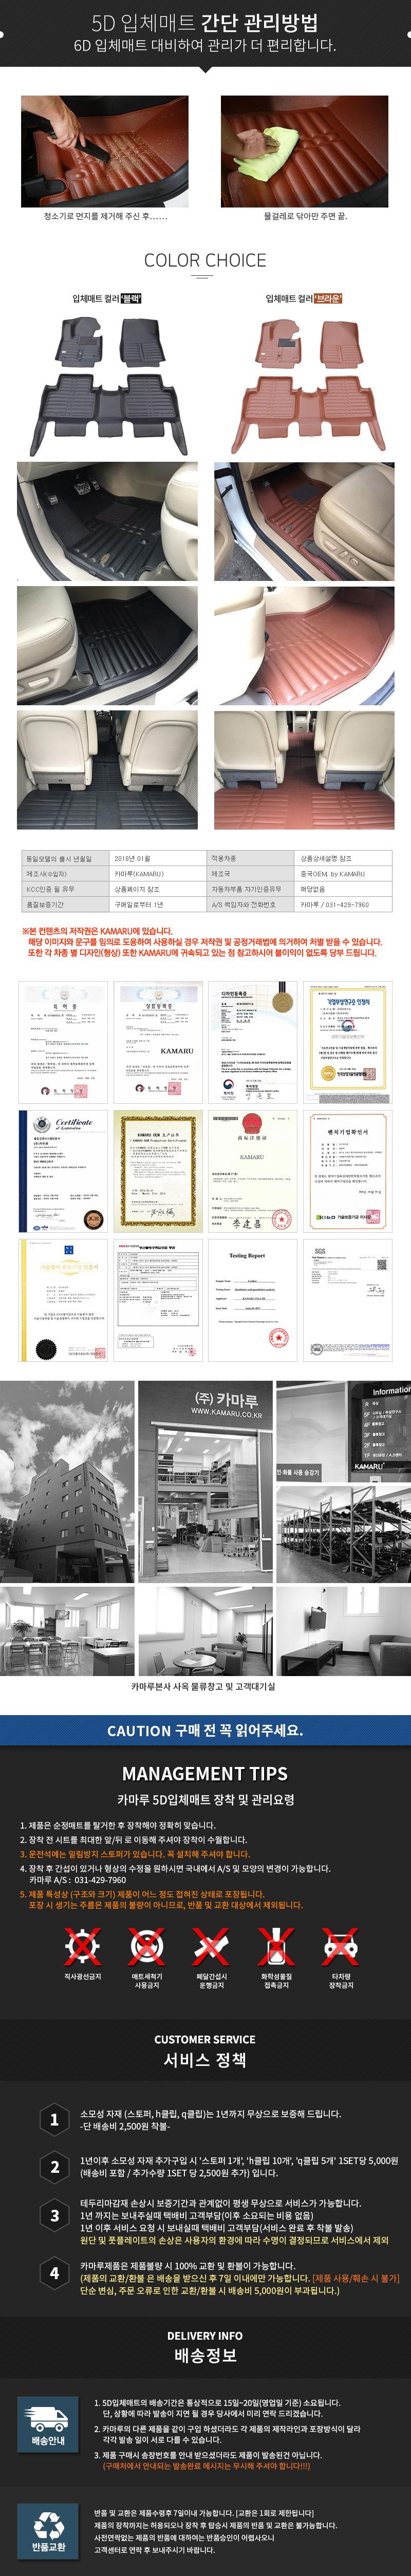 카마루 5D 카매트 - 튜닝09 진행중인 공동구매 : 5d_bottom.jpg